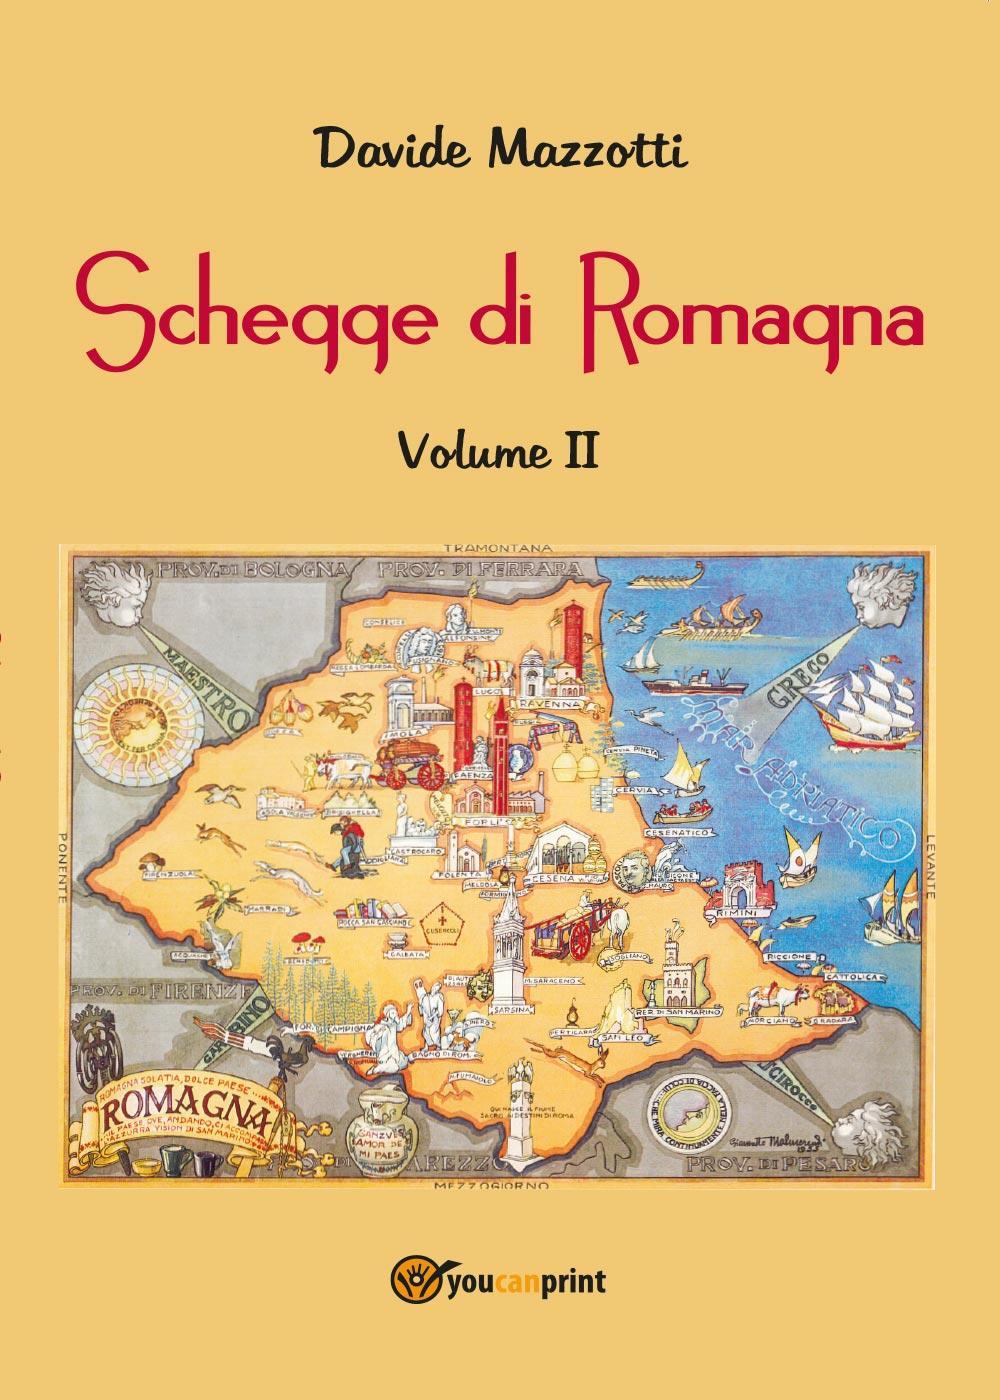 Schegge di Romagna Vol. II